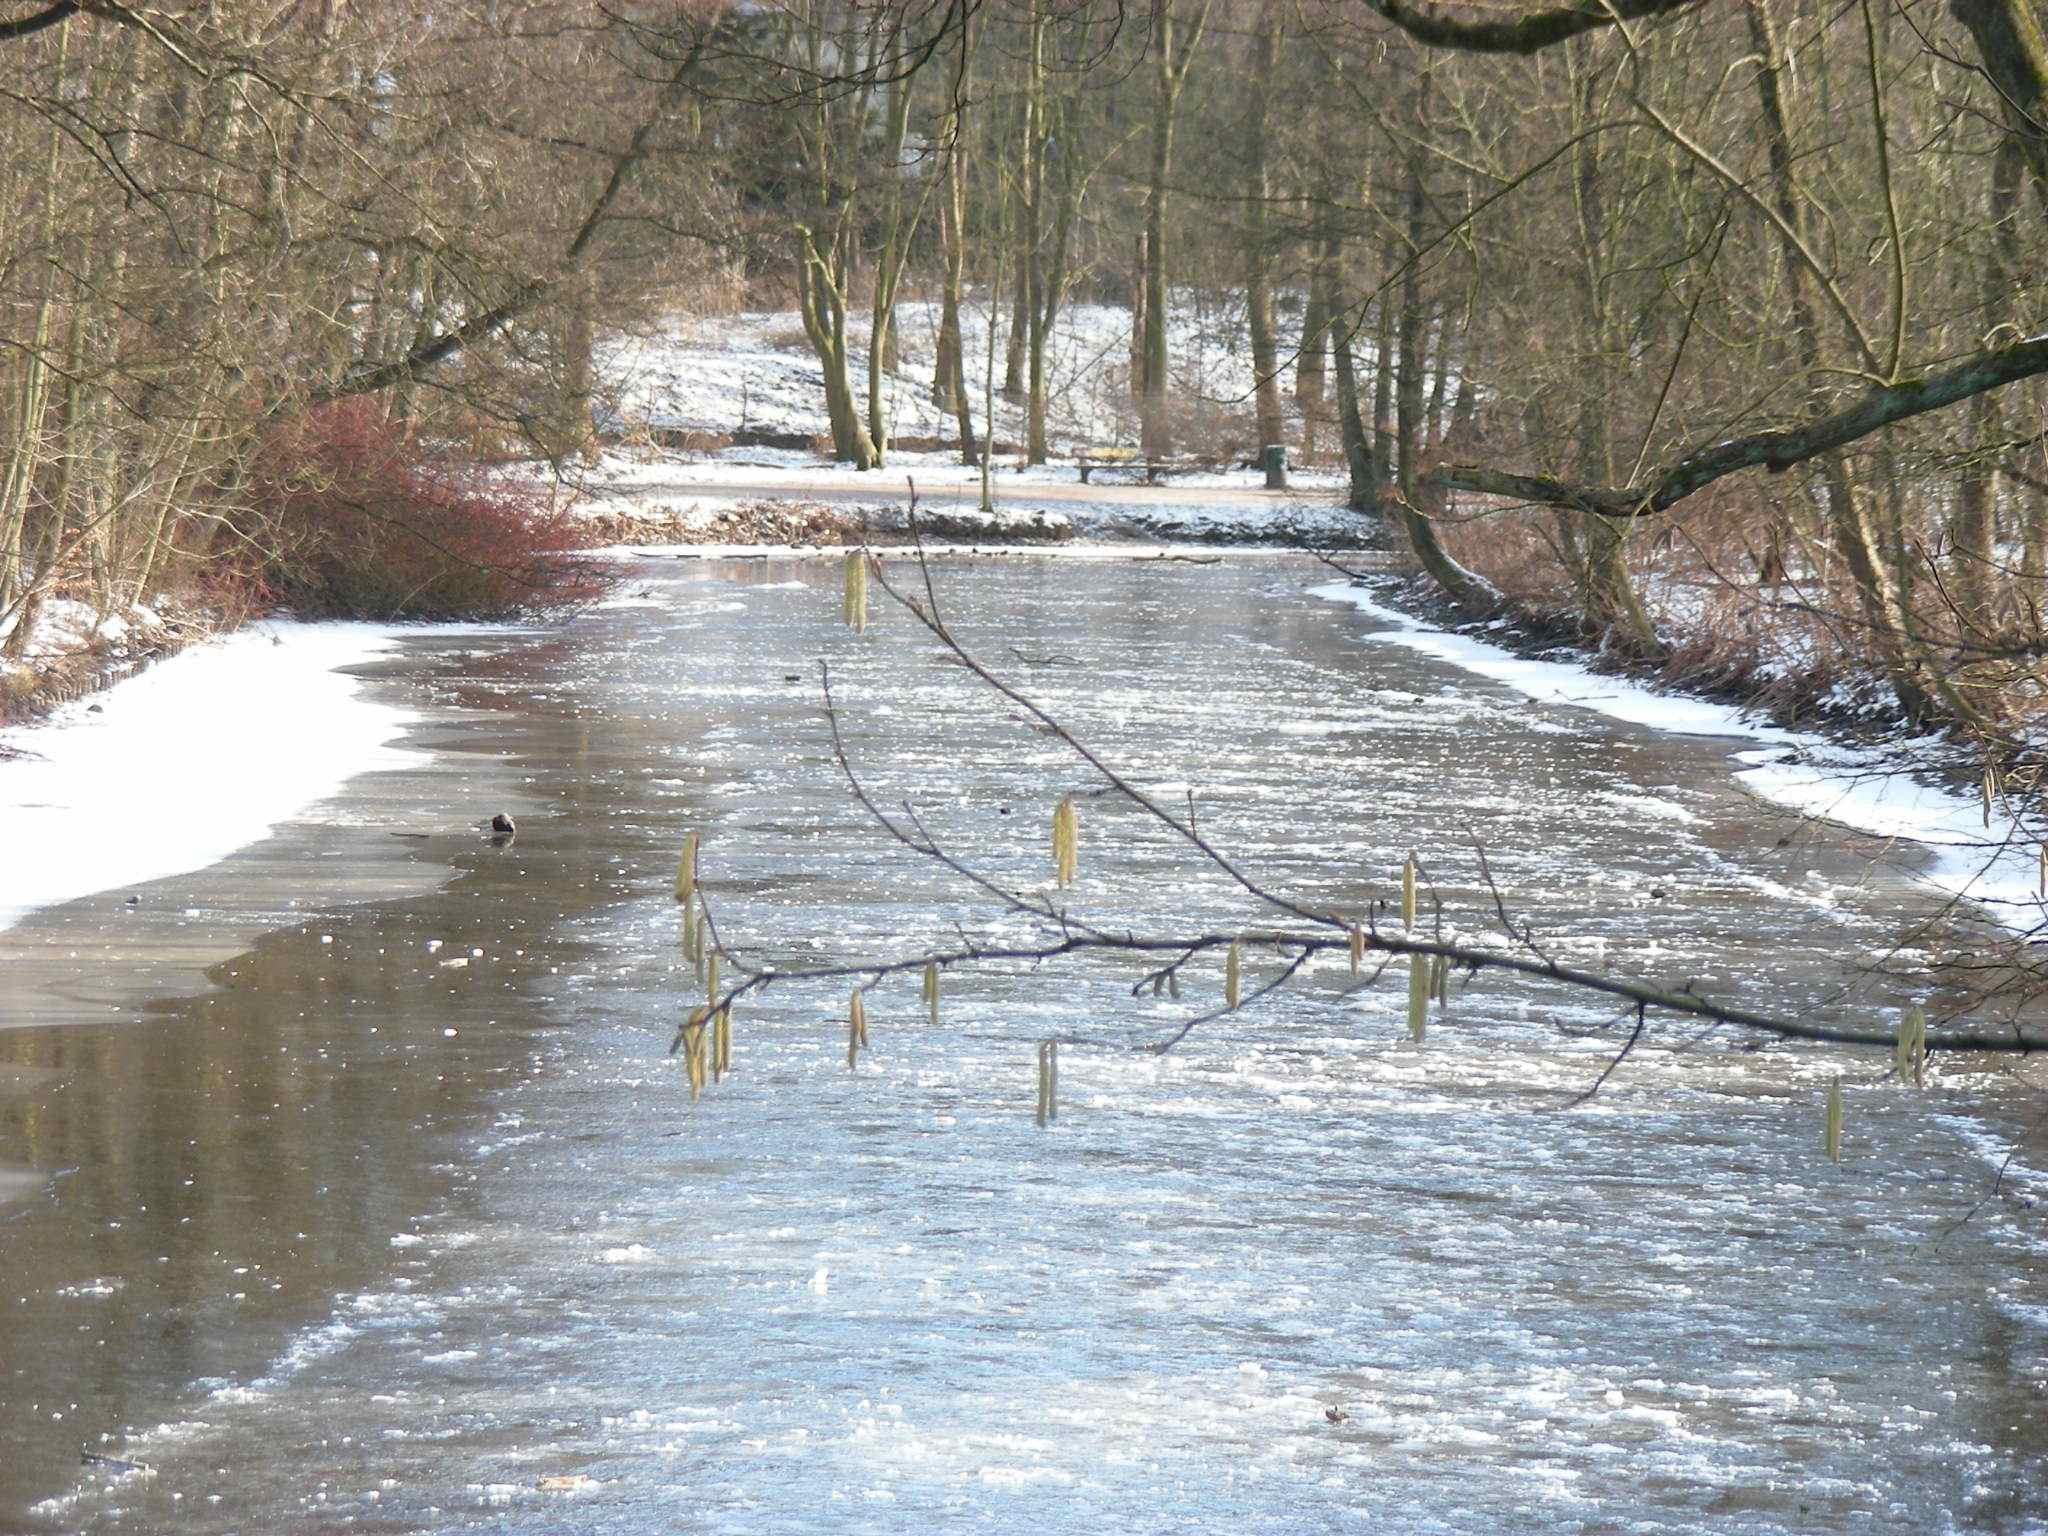 Eis am 06.02.2012 oberhalb Poppenbüttler Schleuse, wo der Stau weit in den Alsterlauf hinaufreicht.